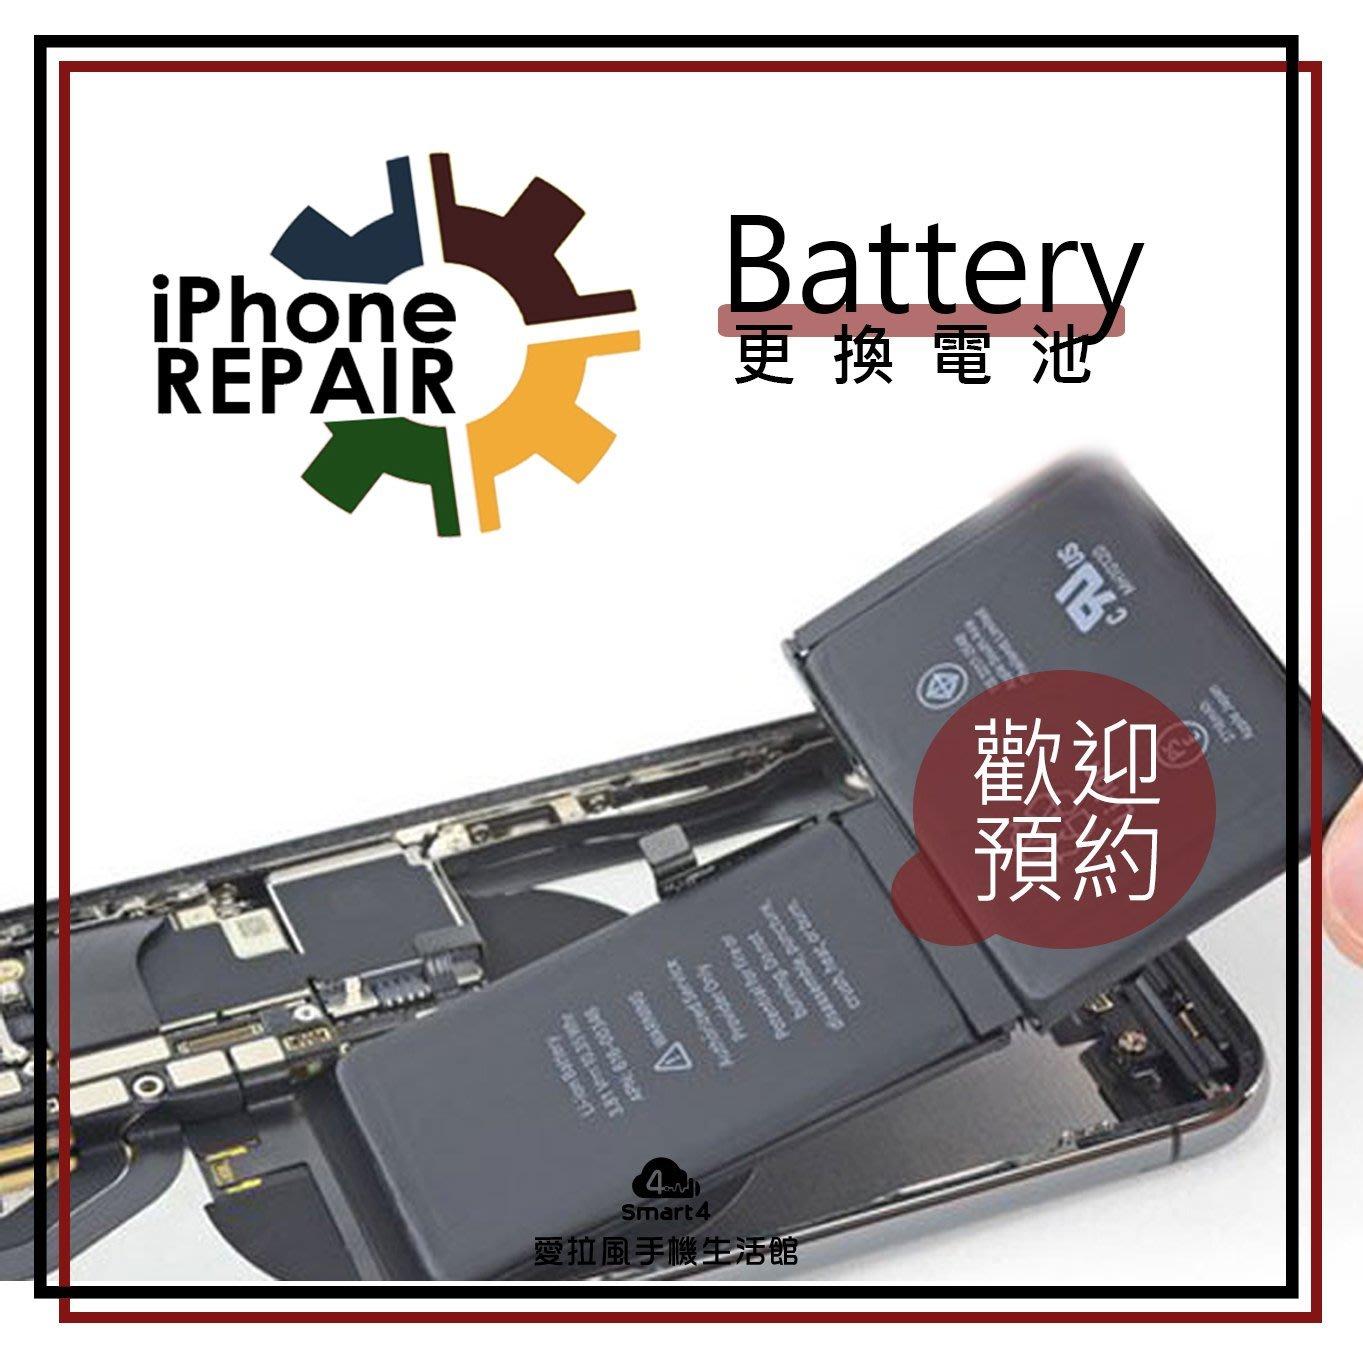 【愛拉風】台中iPhone維修 iPhone 6s plus 耗電 電池隔數亂跳蓄電不足 換BSMI電池更換 ptt推薦